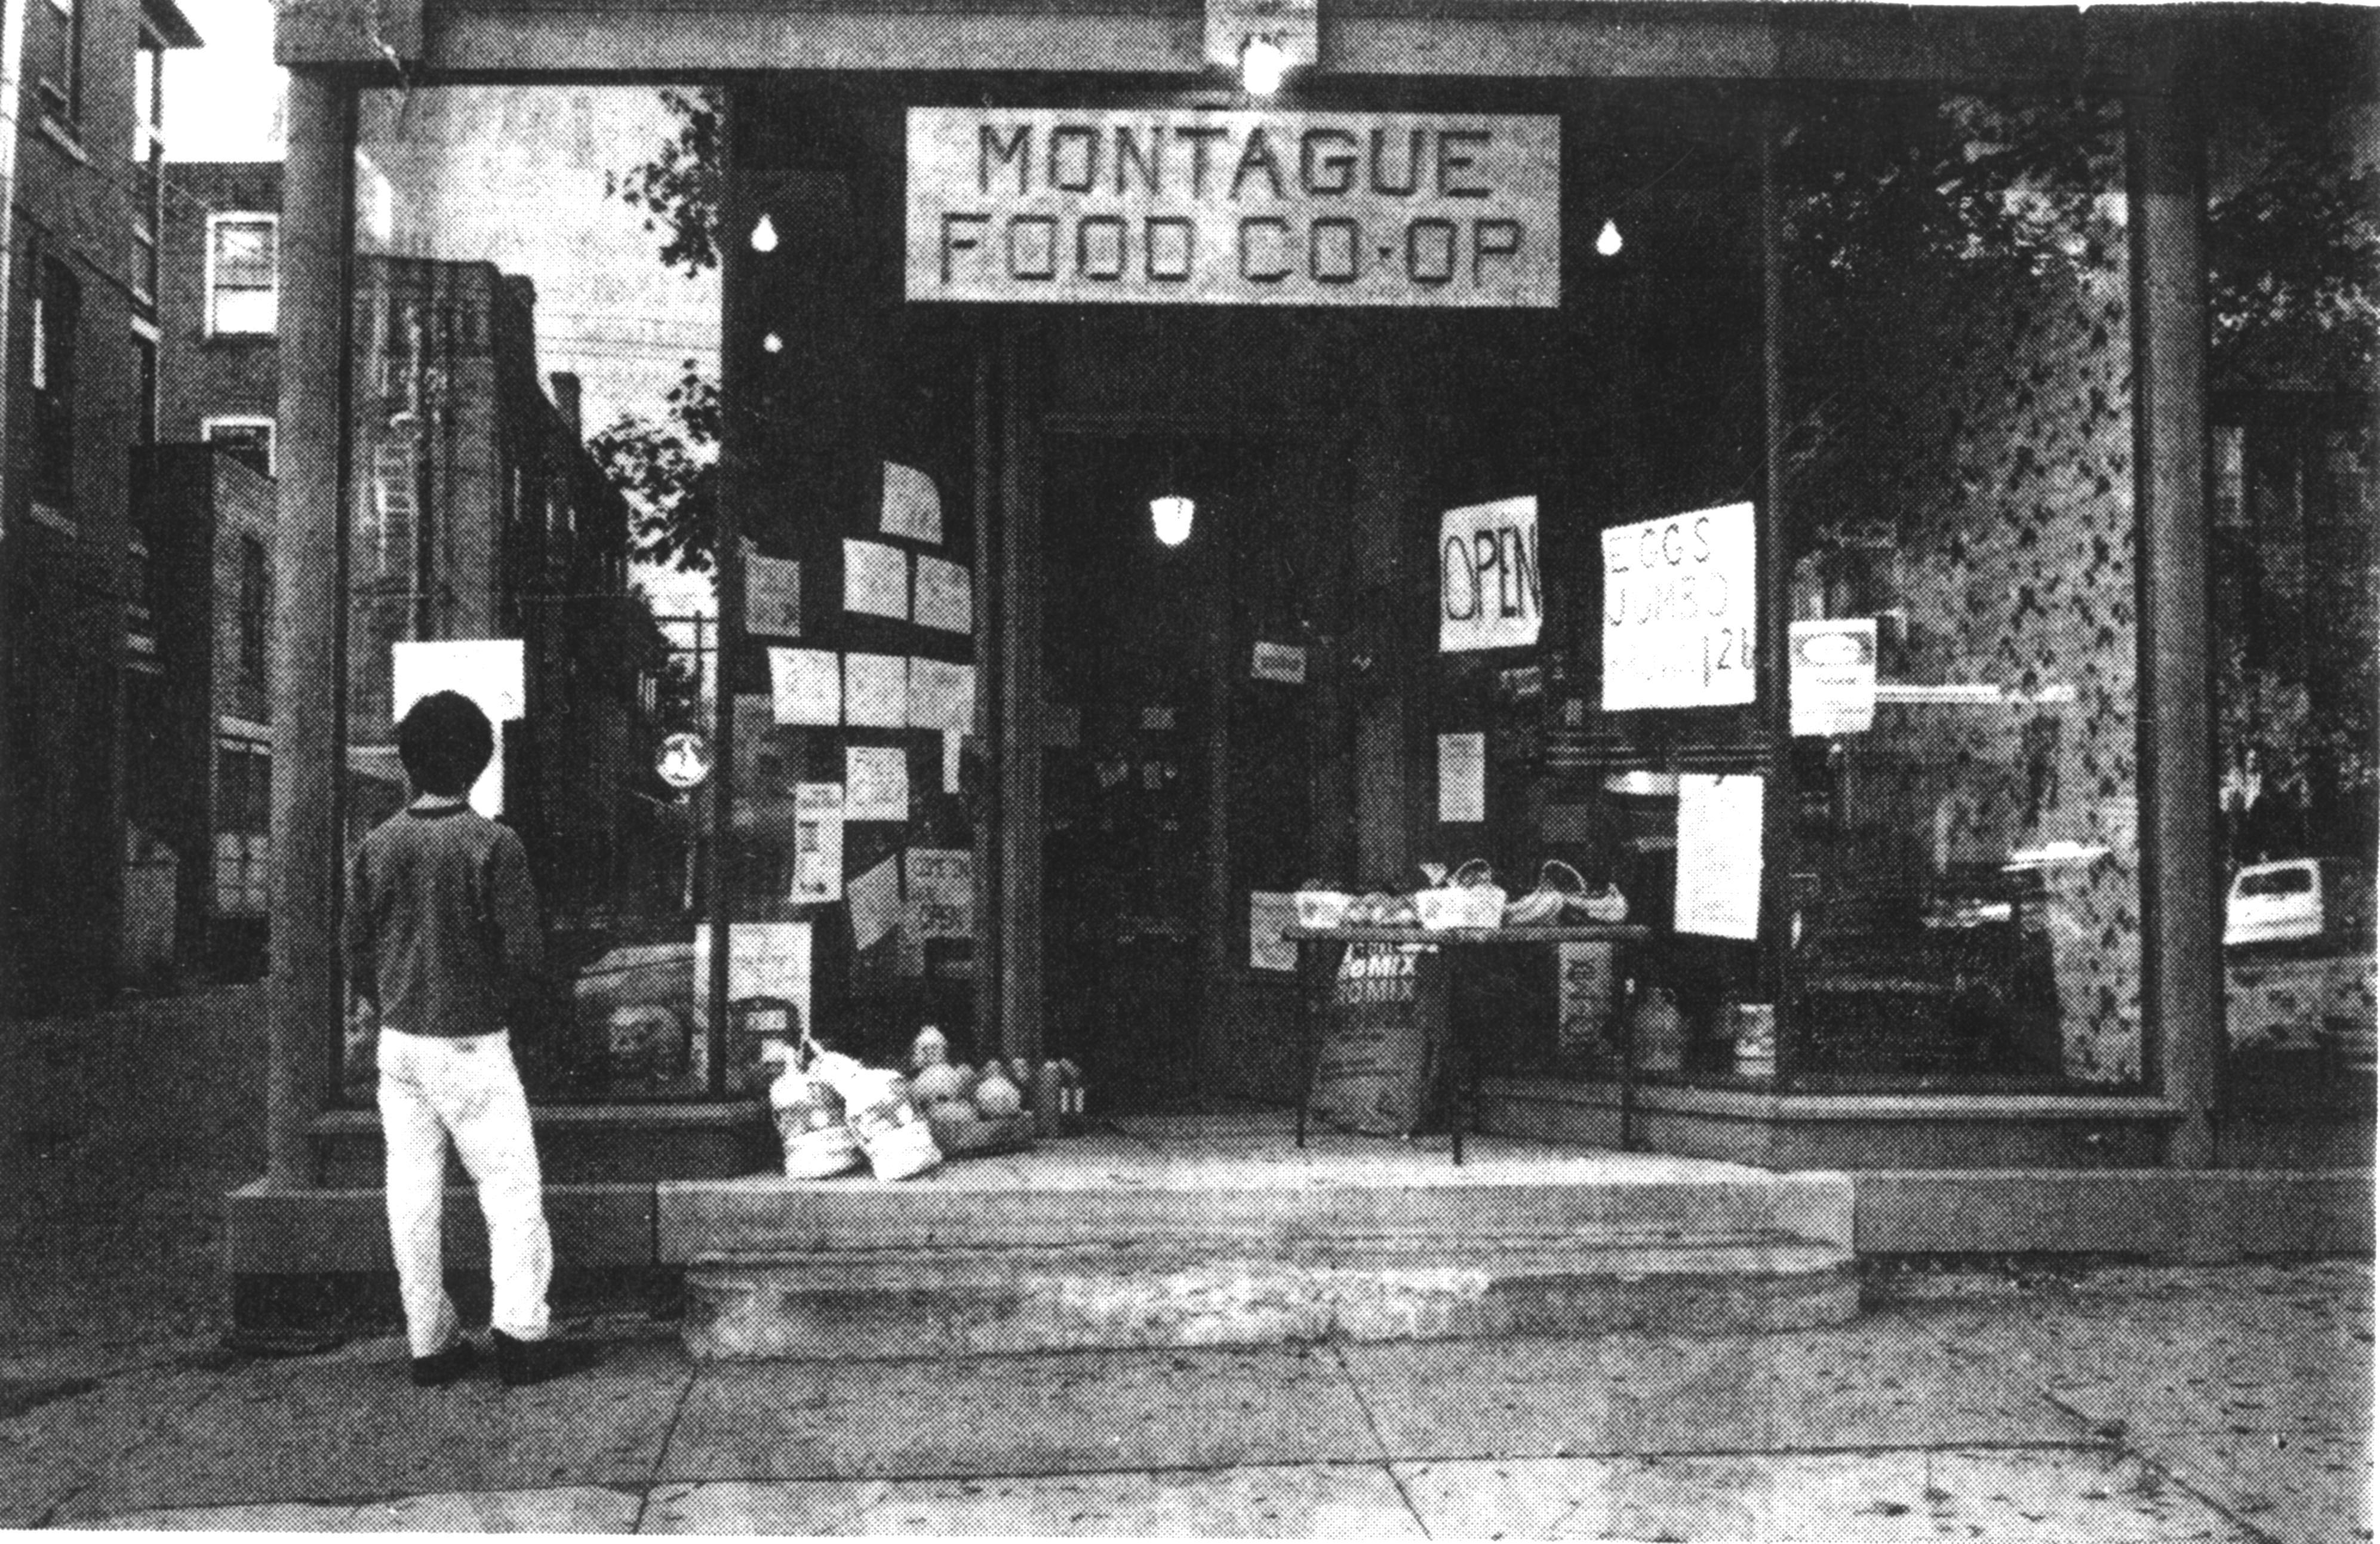 Montague Food coop b&w (1)